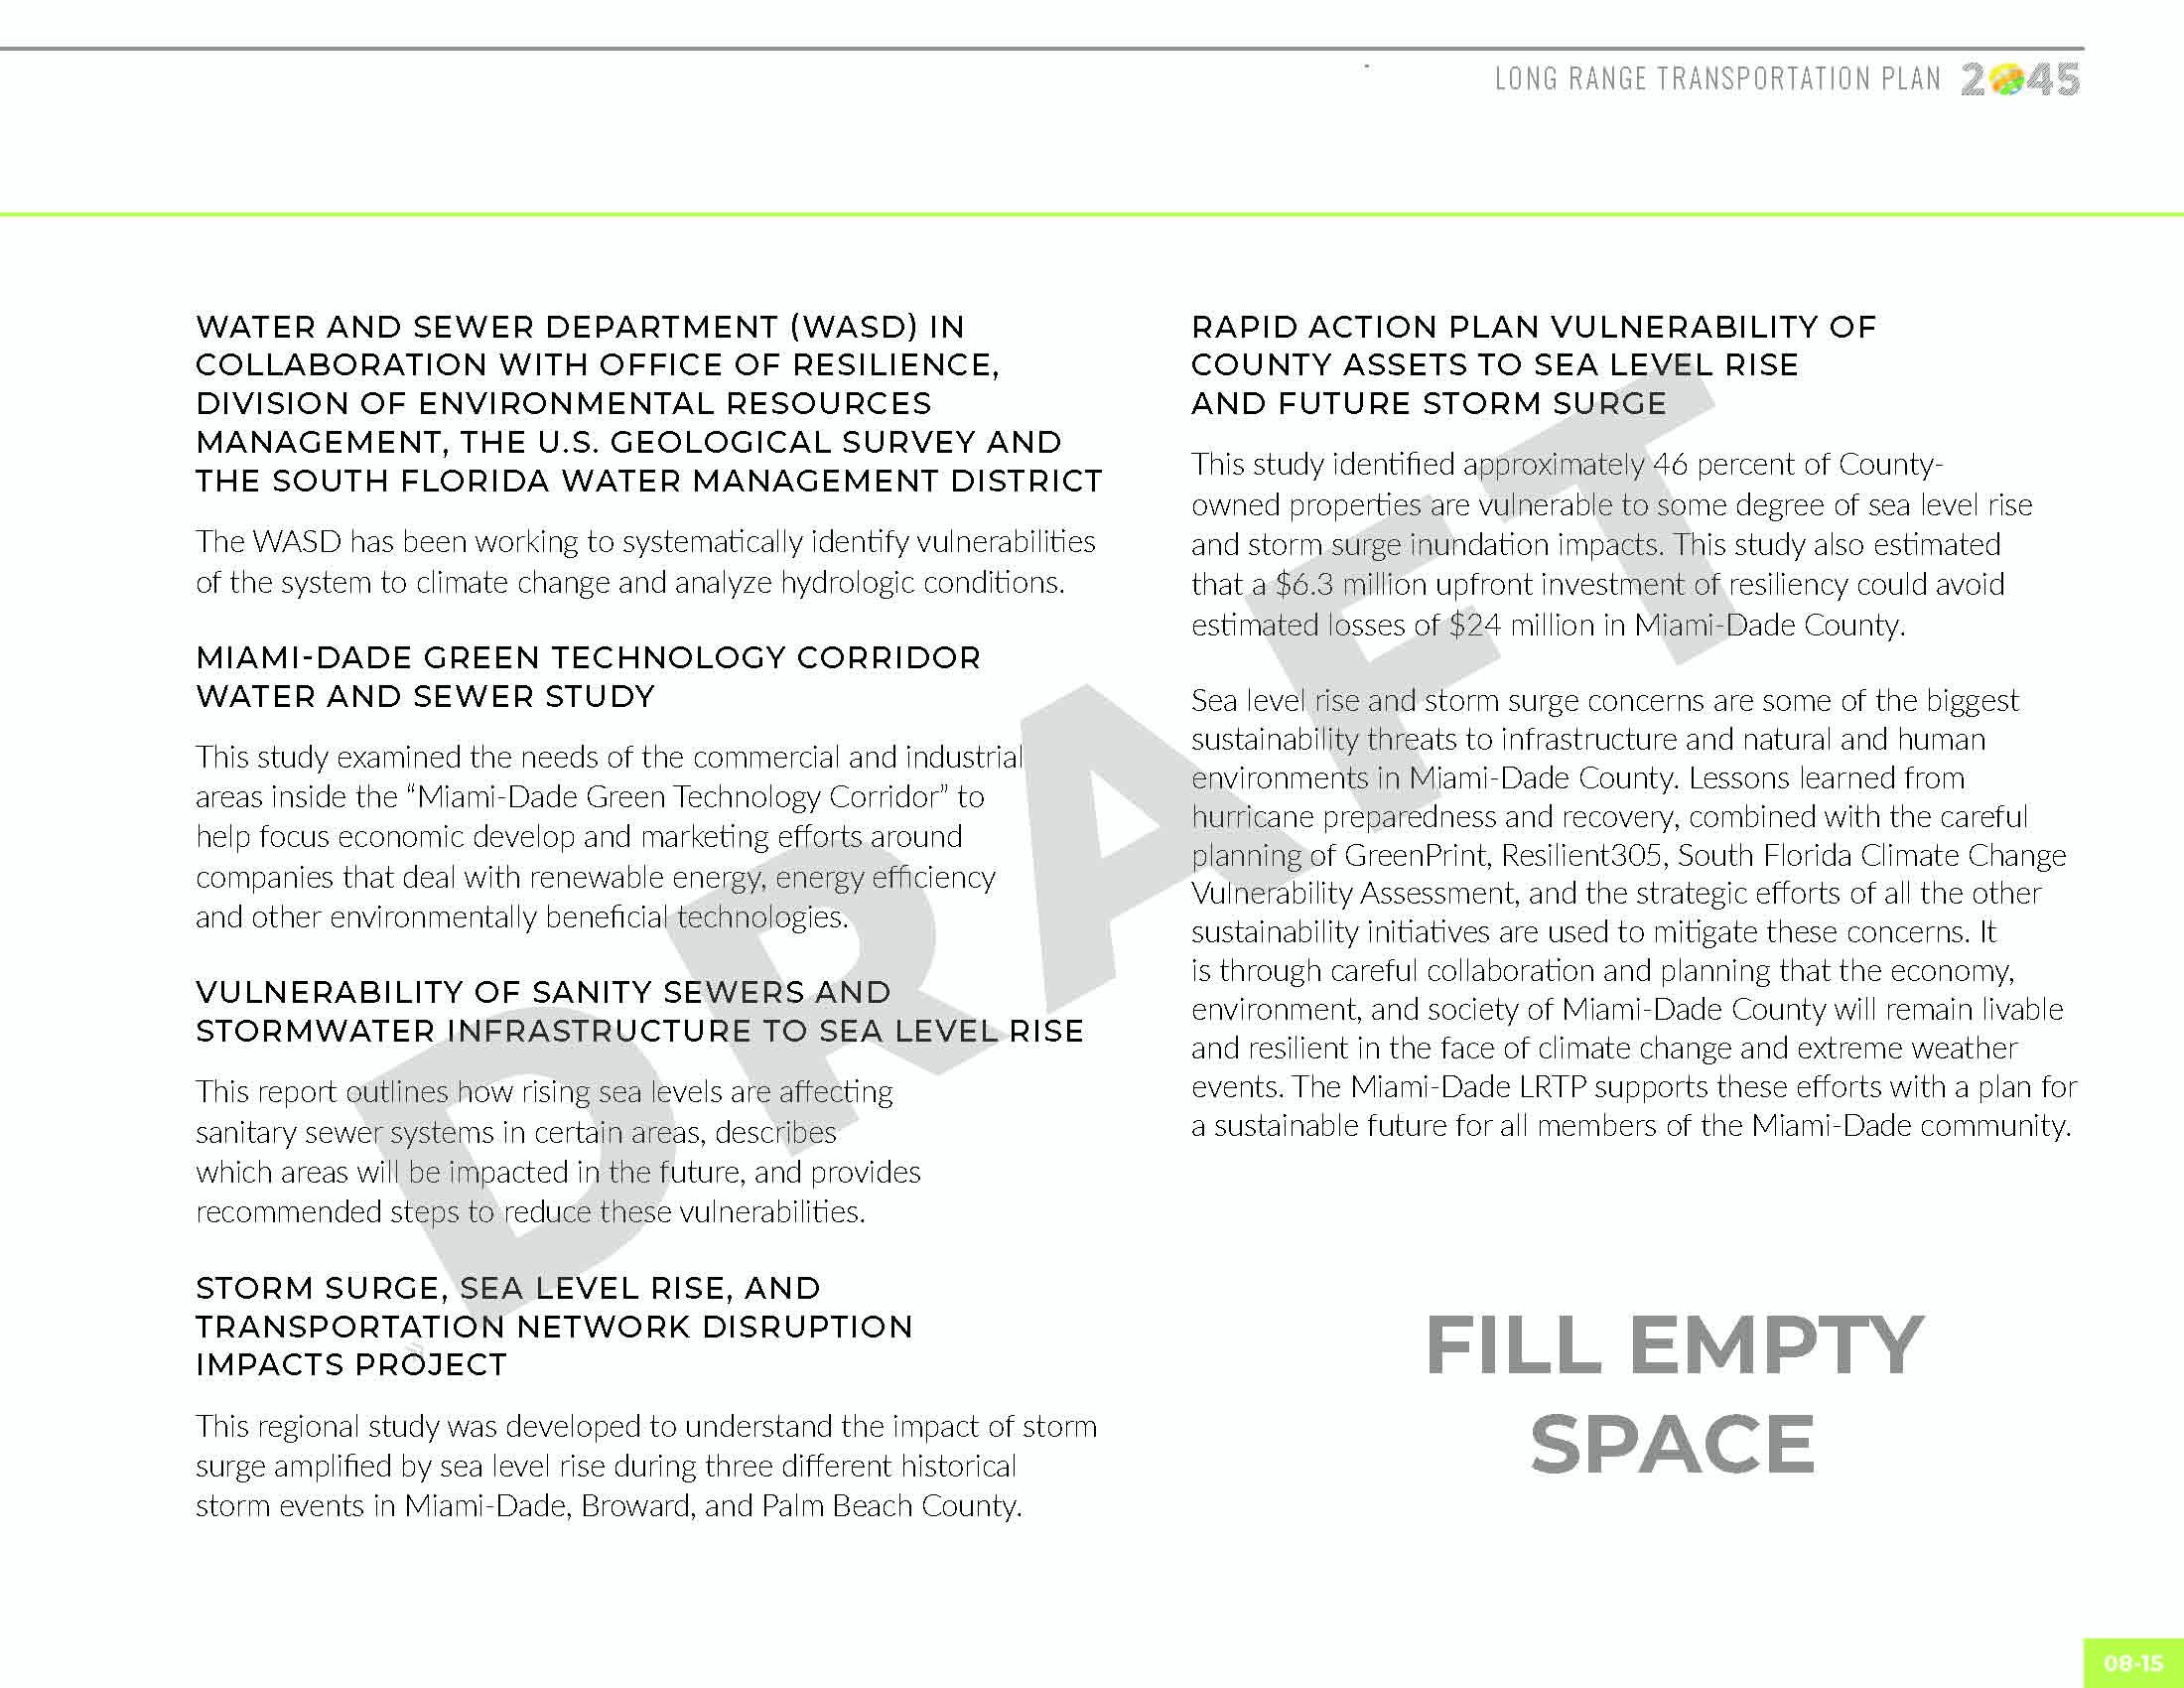 LRTP_072319_Page_137.jpg